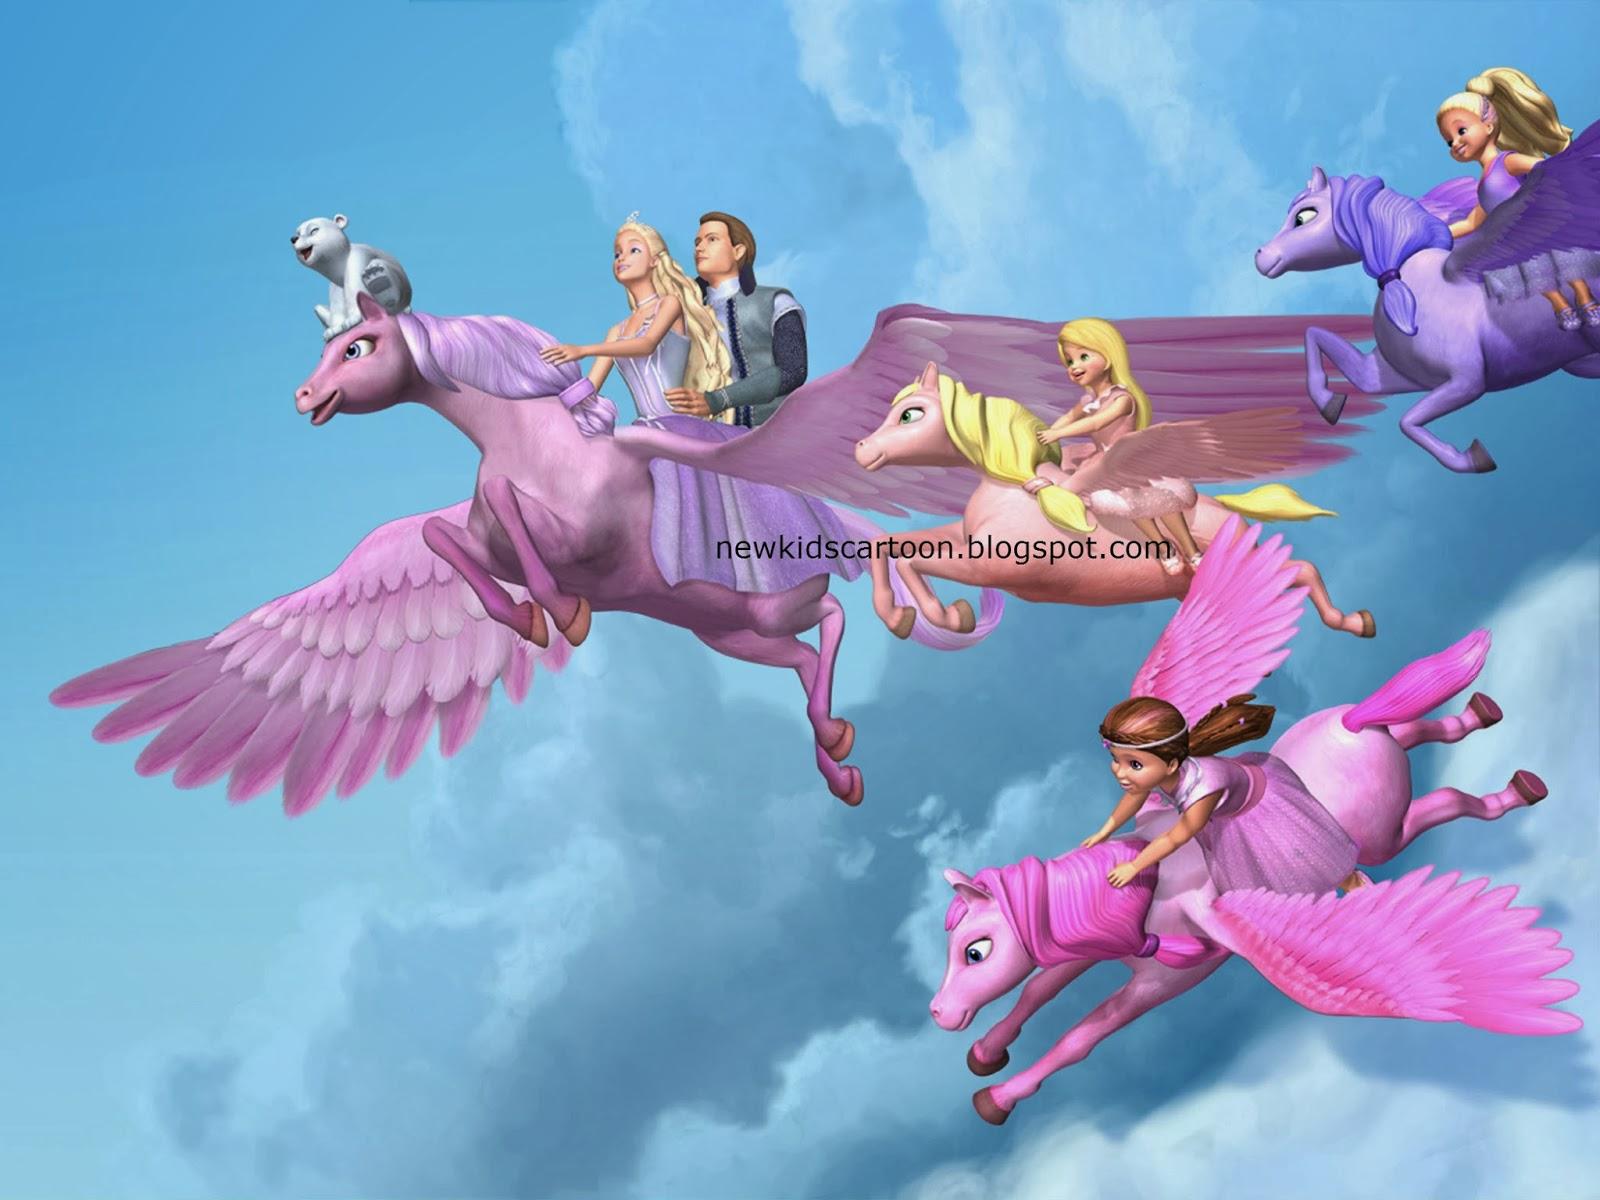 Barbie New Movies In Urdu: Urdu Barbie Cartoons. English To Urdu Movies Full. View